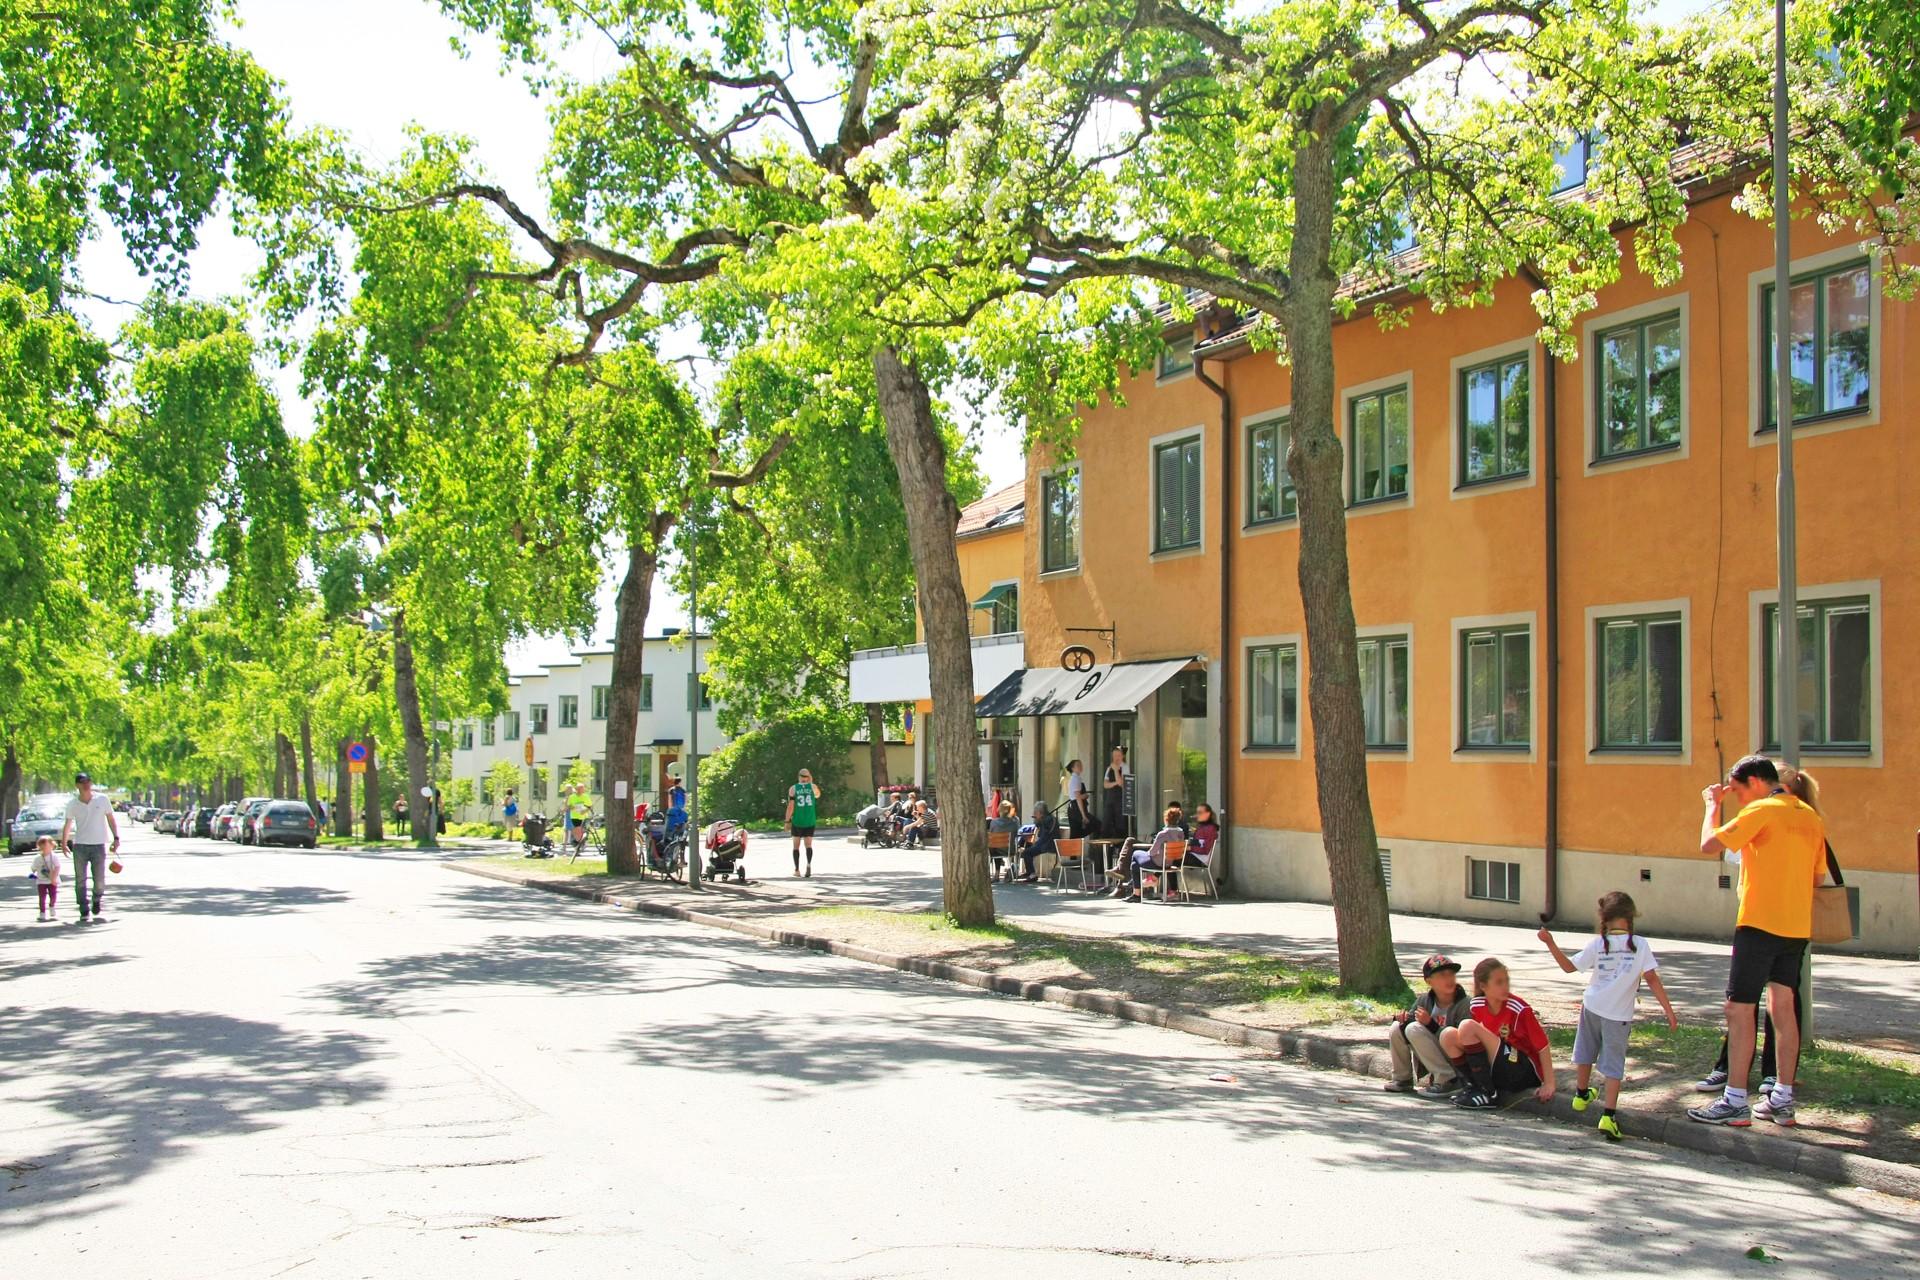 Gateau på Ålstensgatan